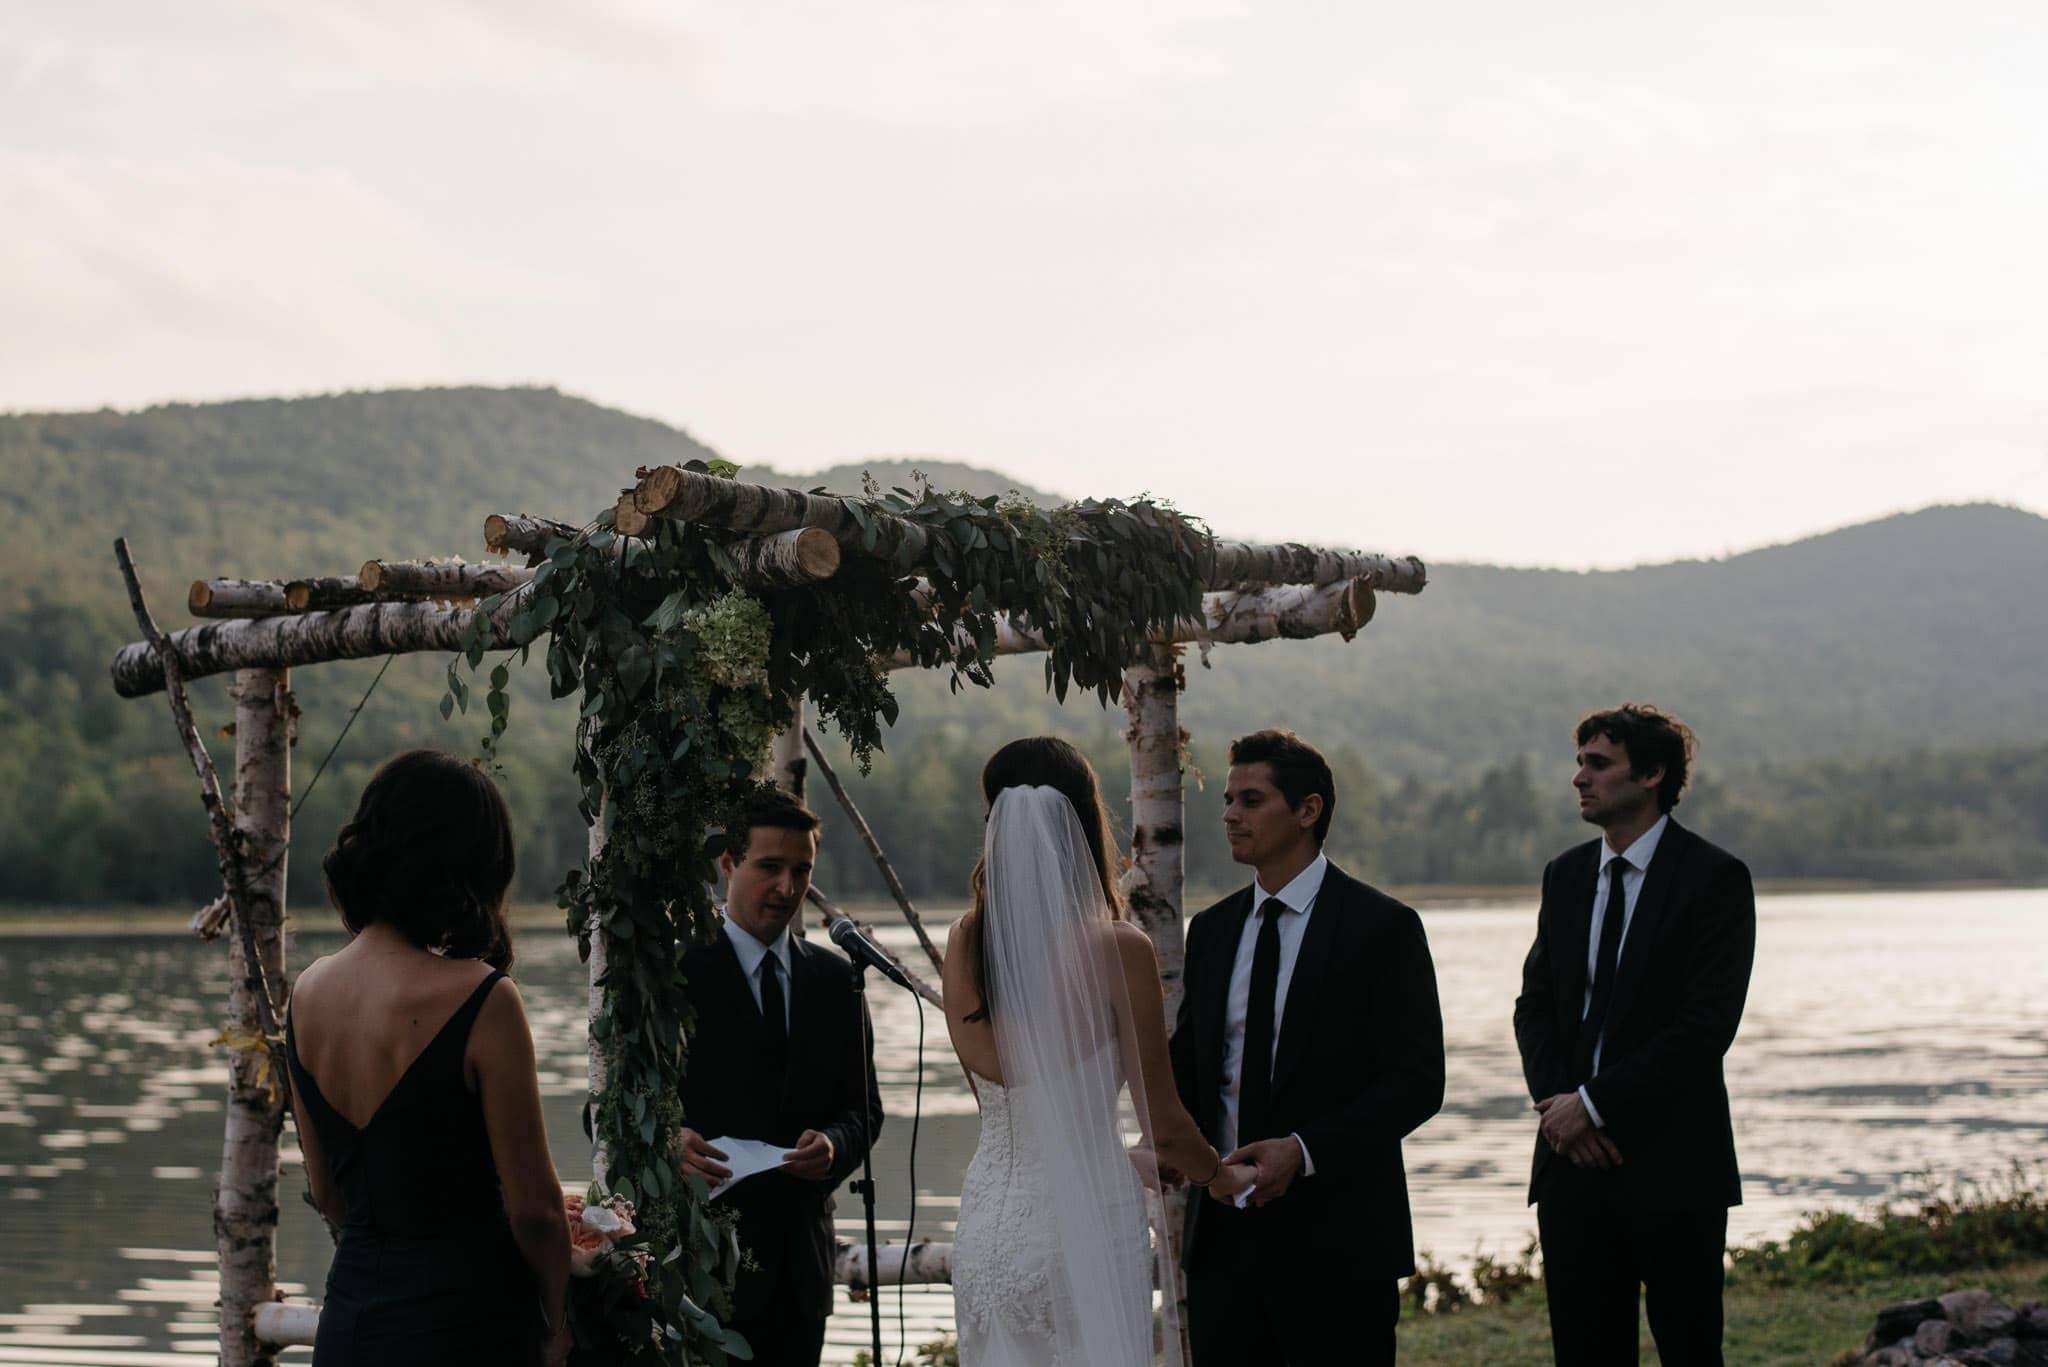 upstate-ny-lake-wedding-36